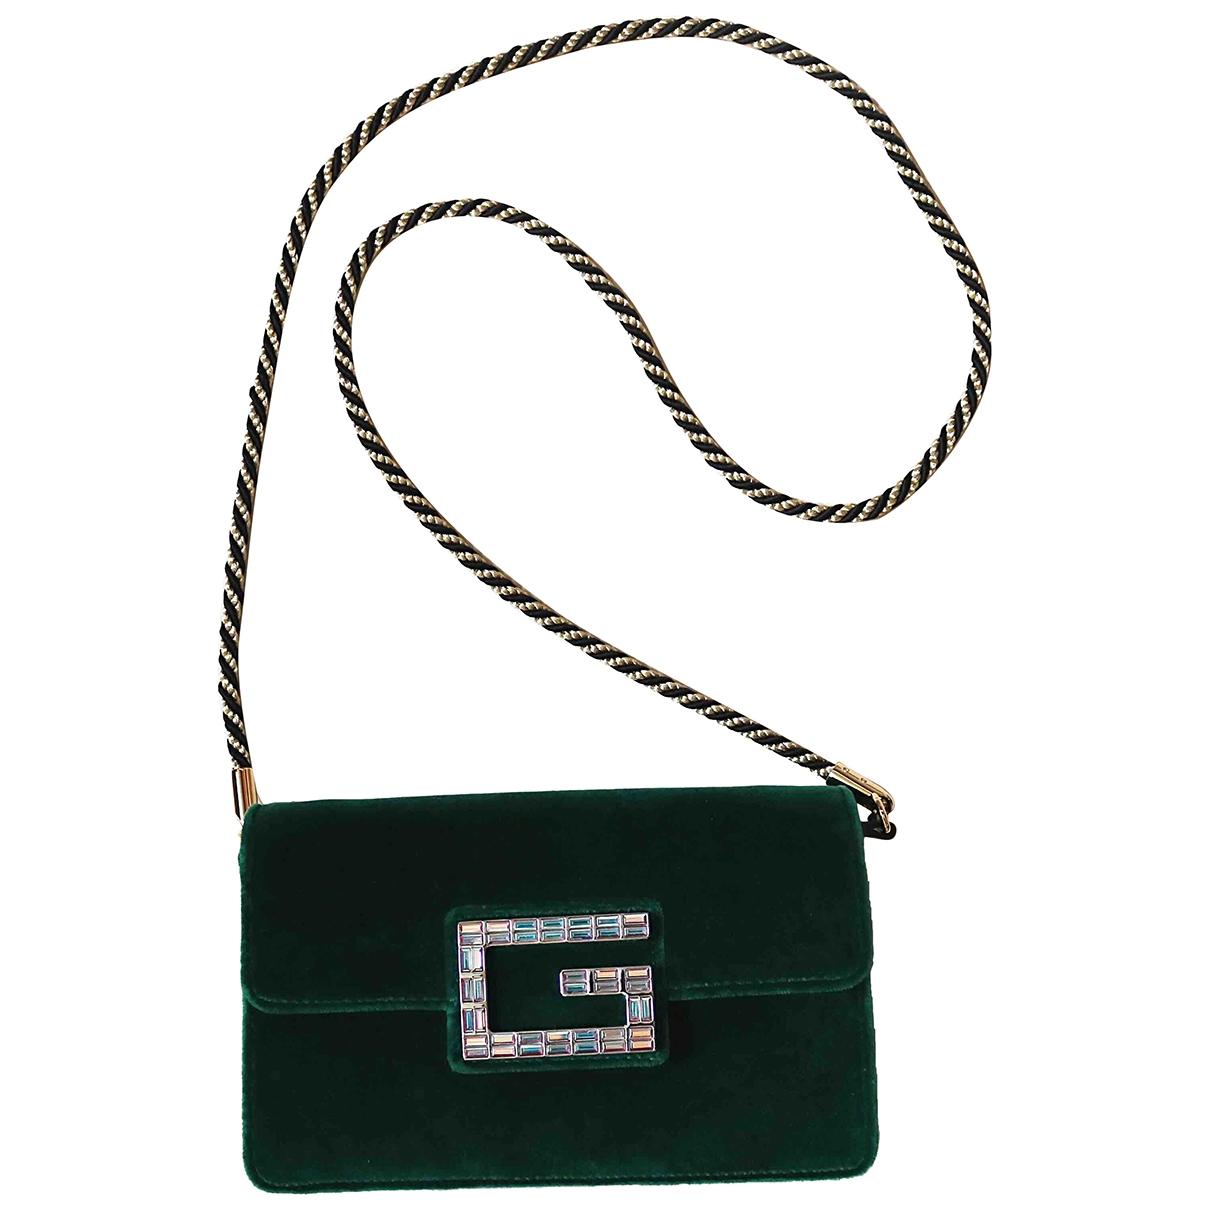 Gucci - Sac a main Square G pour femme en velours - vert